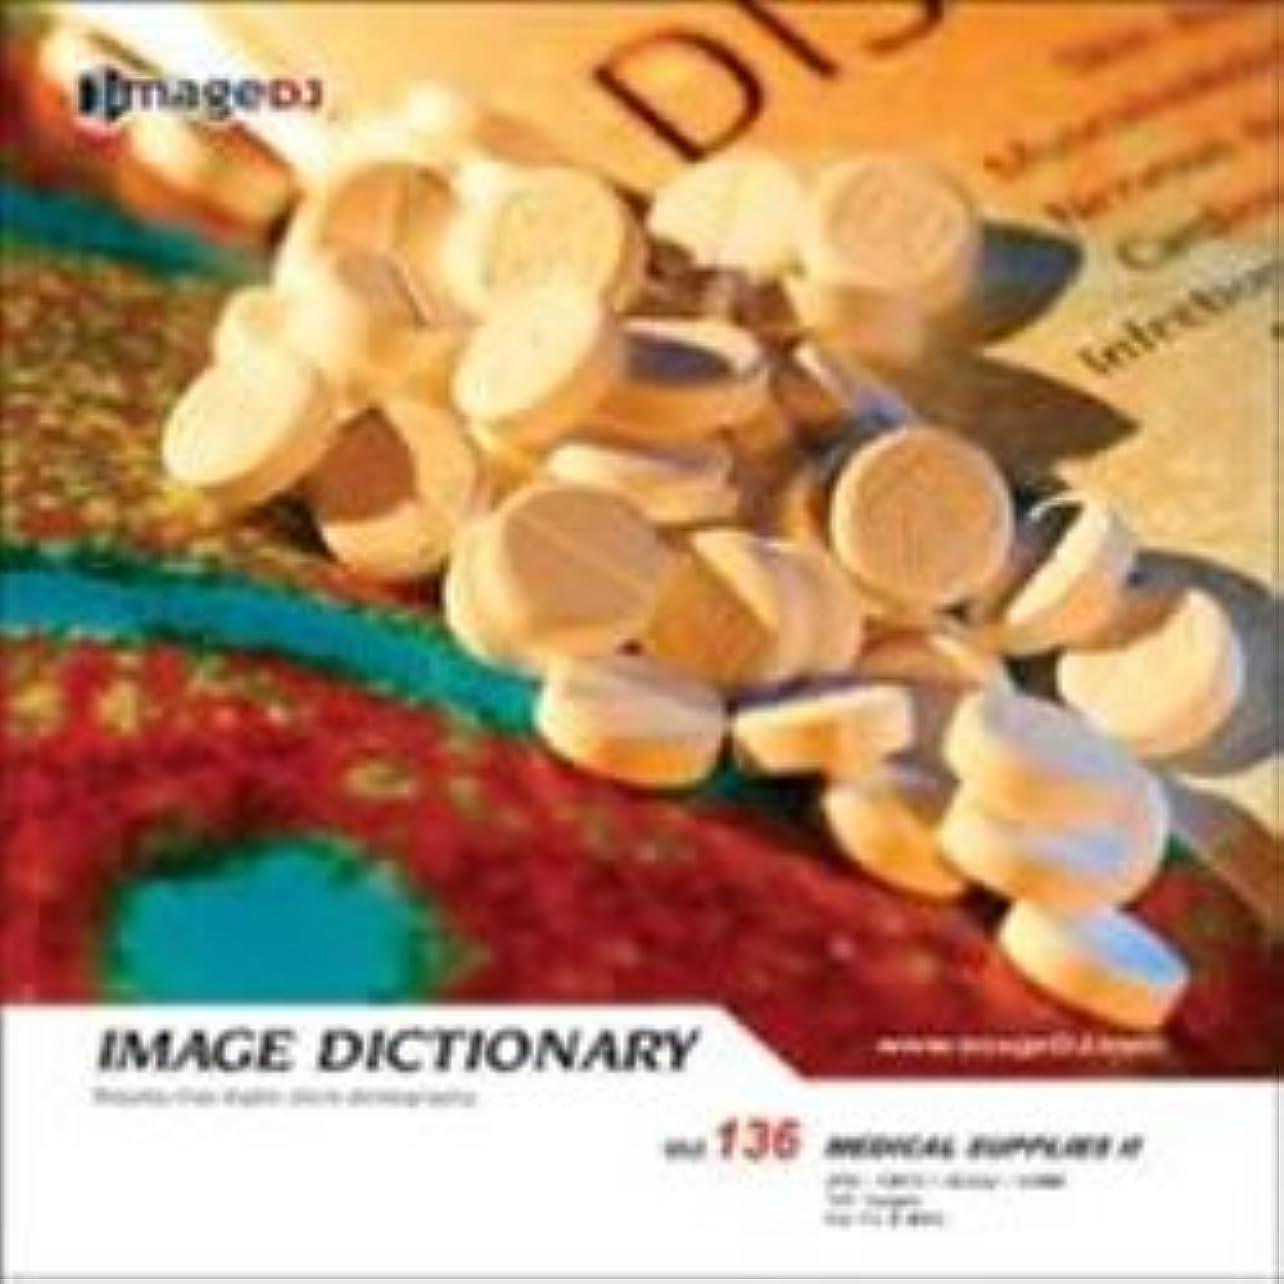 偶然の偶然の一元化するイメージ ディクショナリー Vol.136 医療用品 (2)